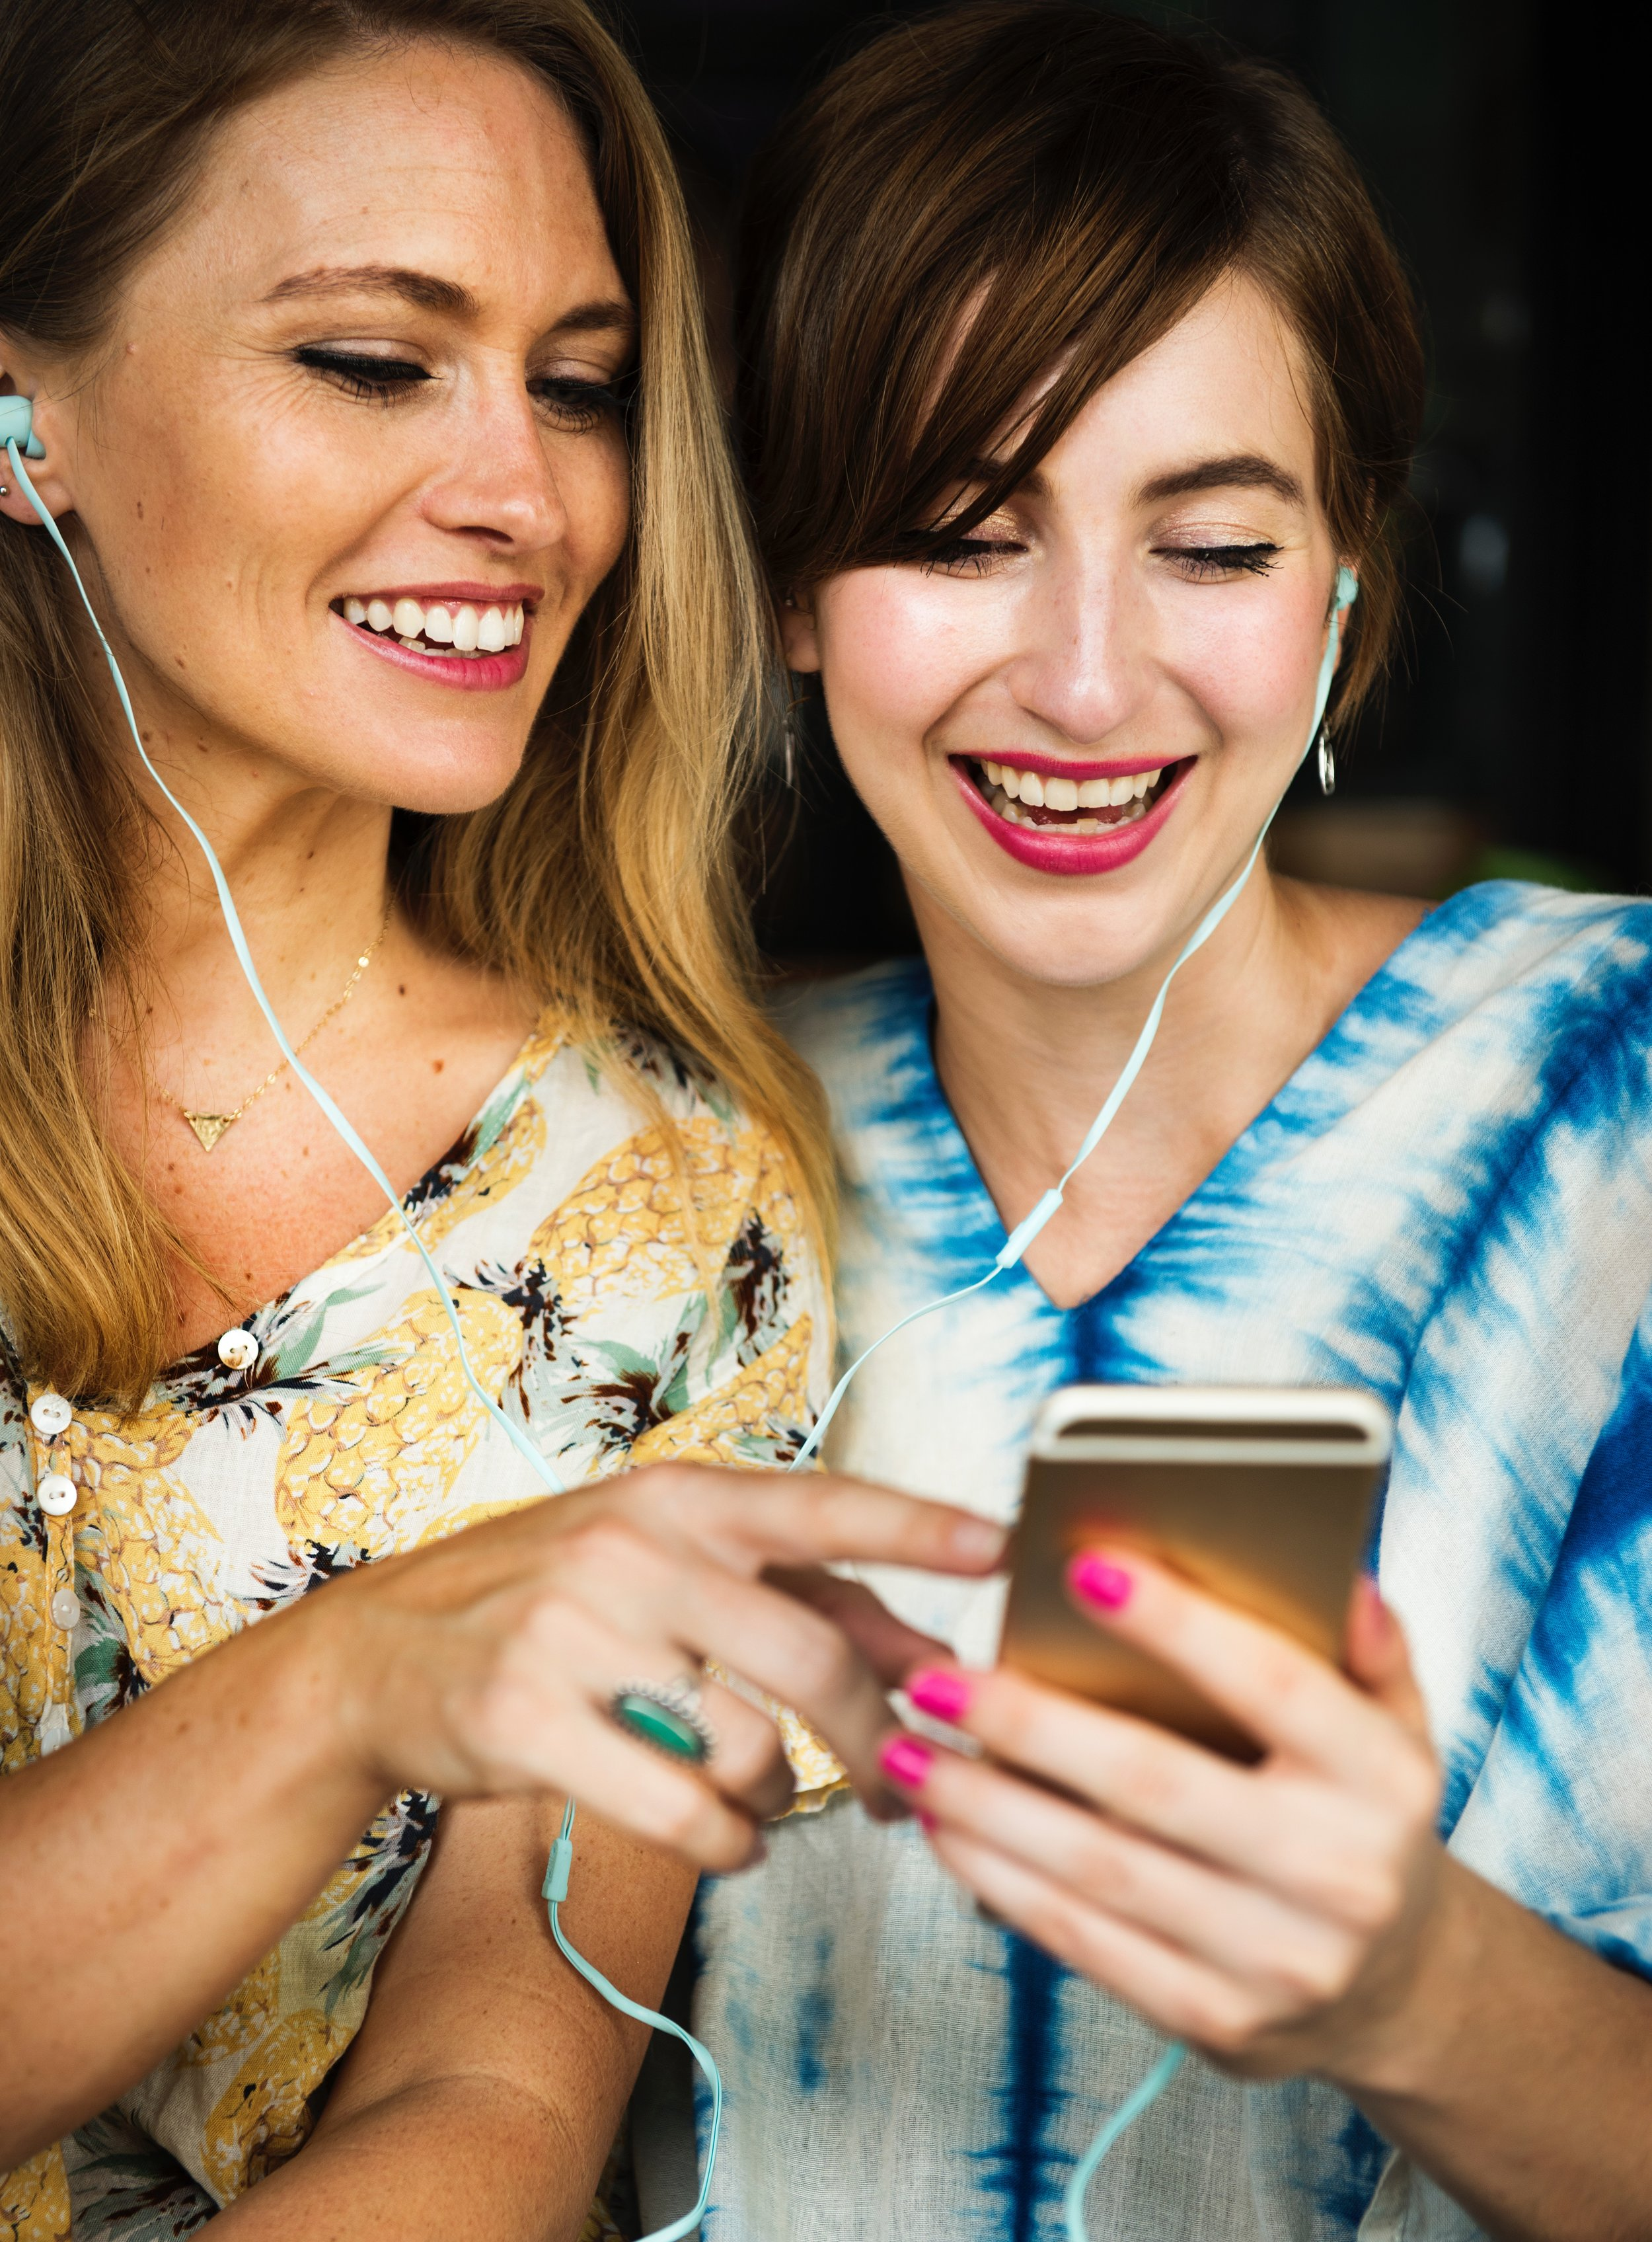 two-women-smiling-listening.jpg